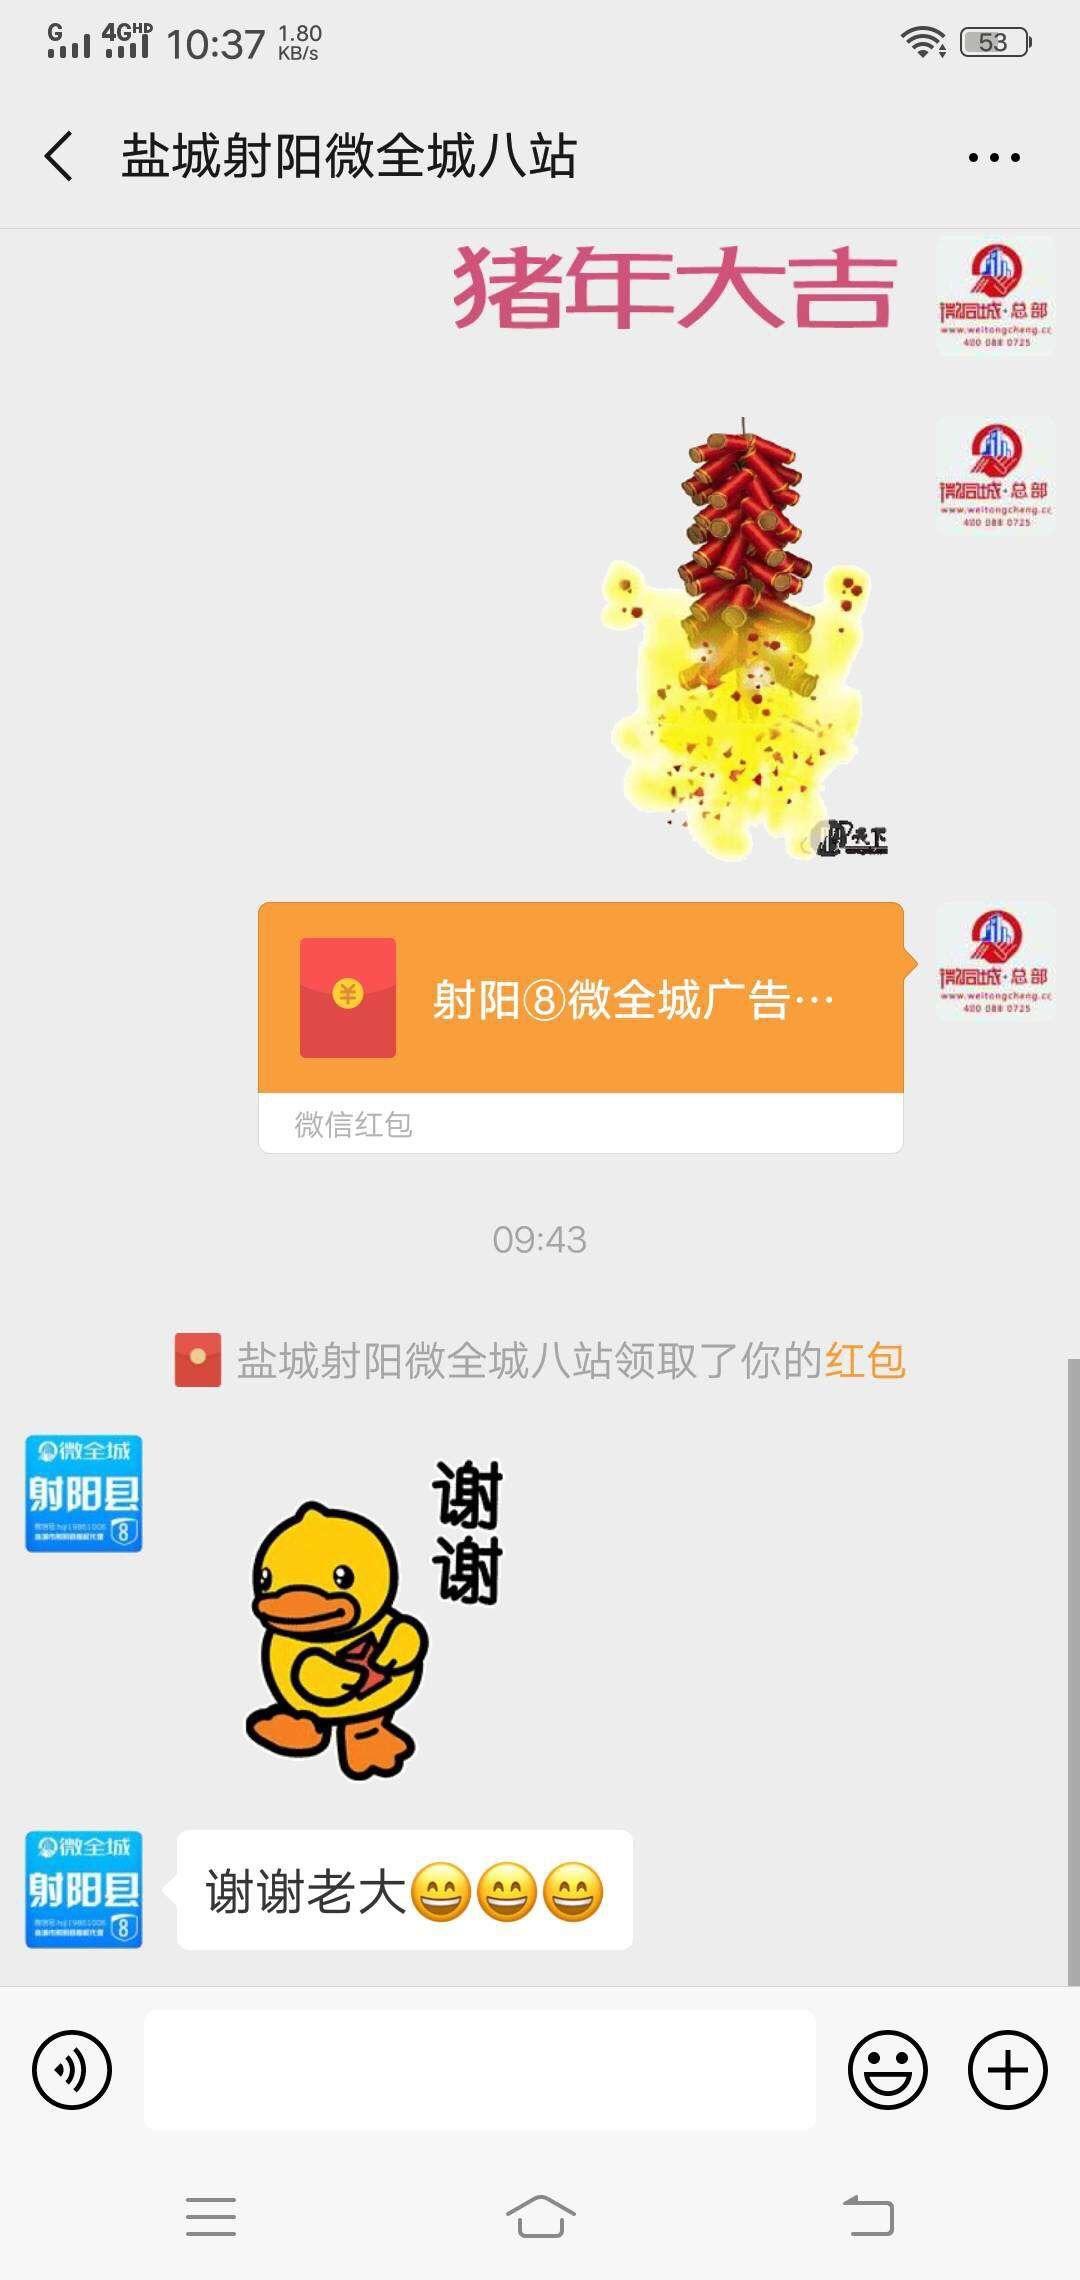 射阳微全城微帮八站广告佣金